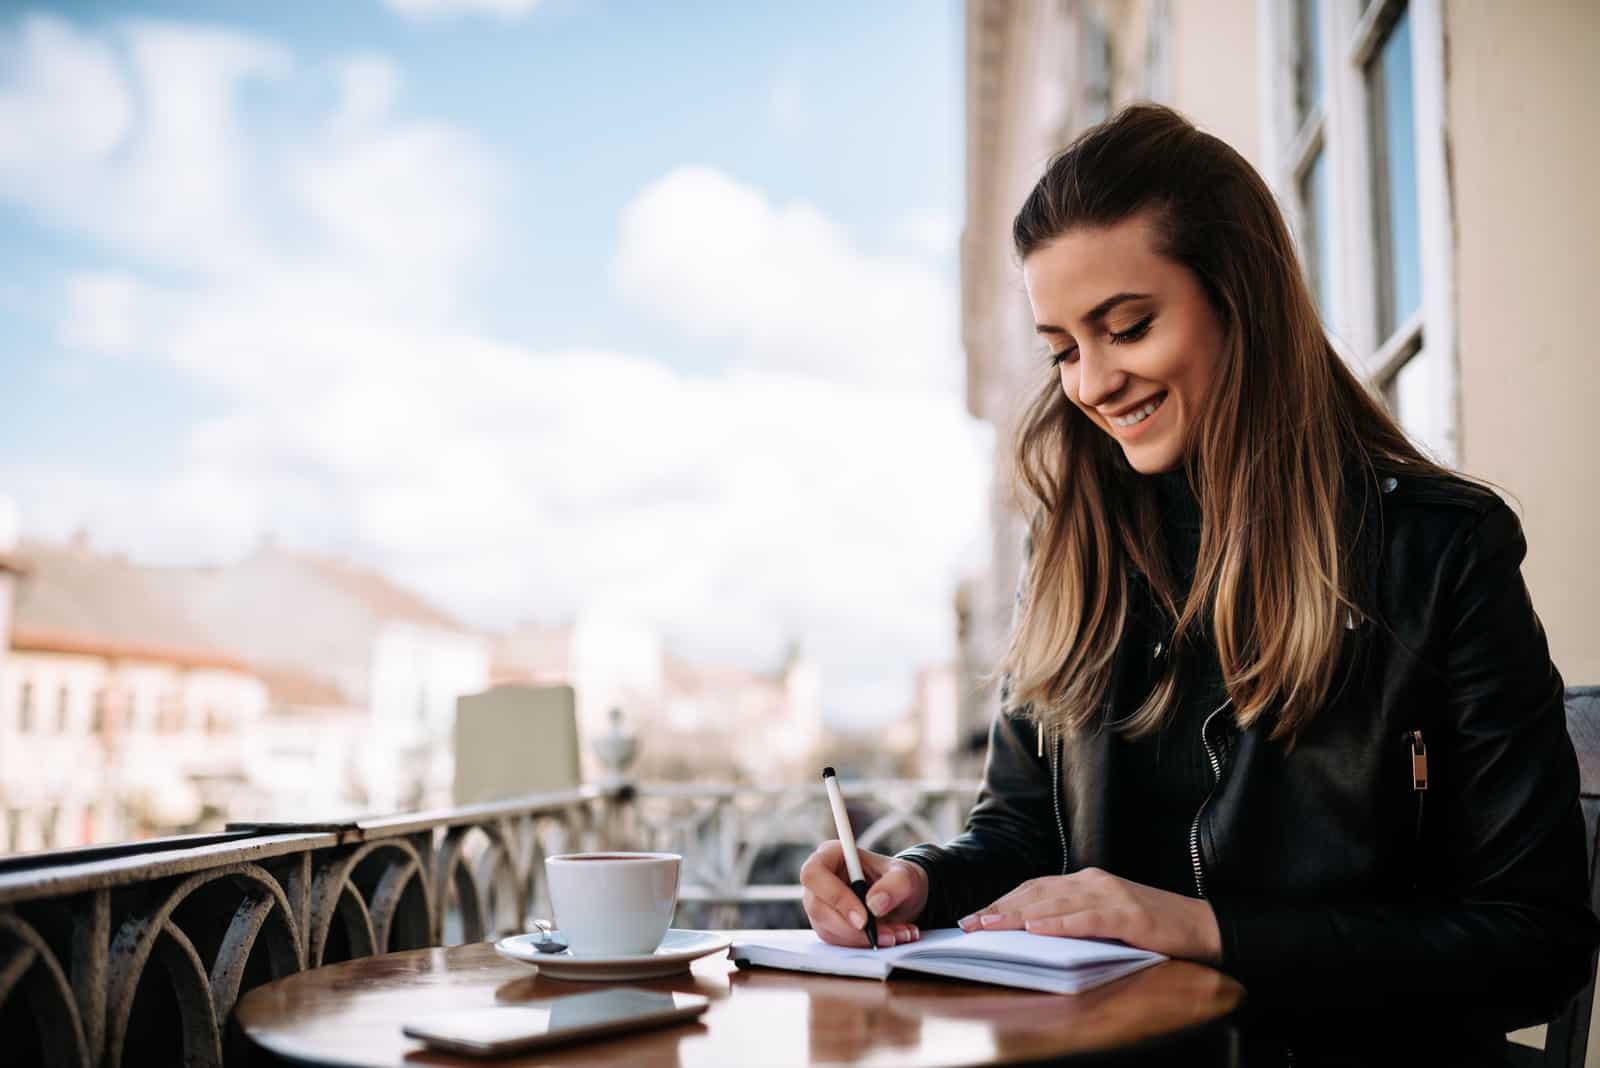 une femme souriante avec du café est assise à une table et écrit